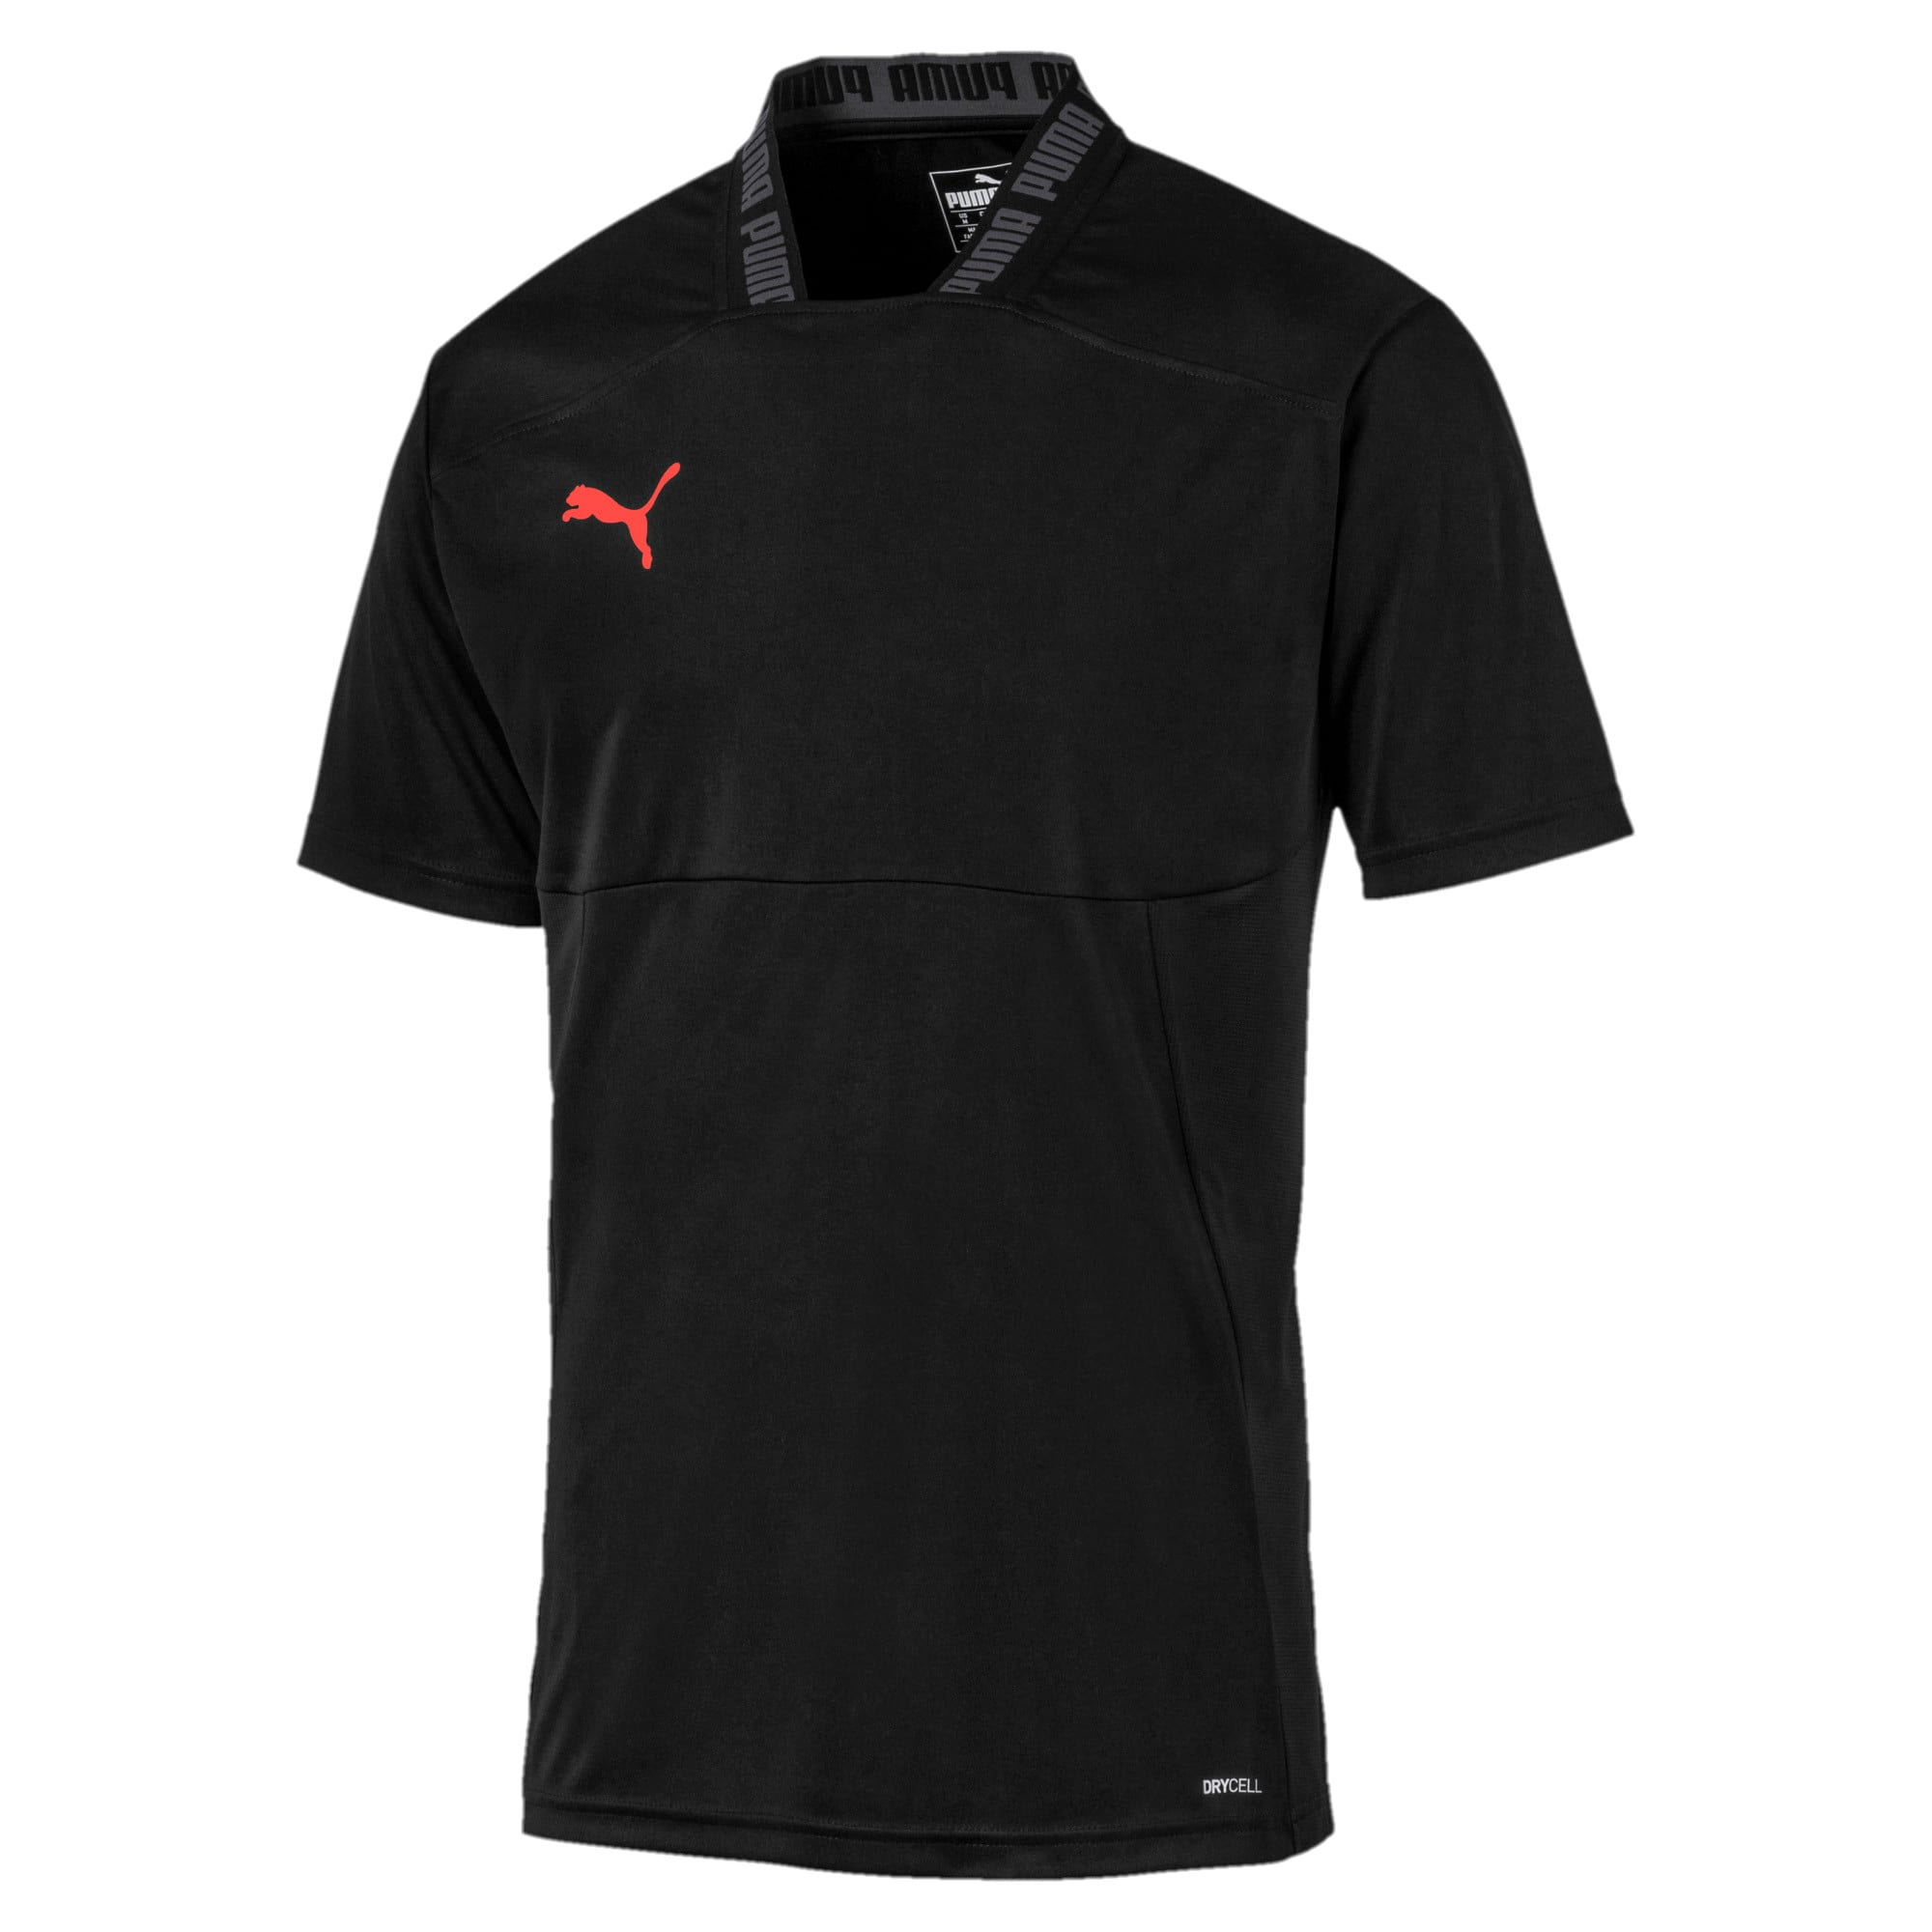 Thumbnail 4 of Colour Shift Men's Shirt, Puma Black-Nrgy Red, medium